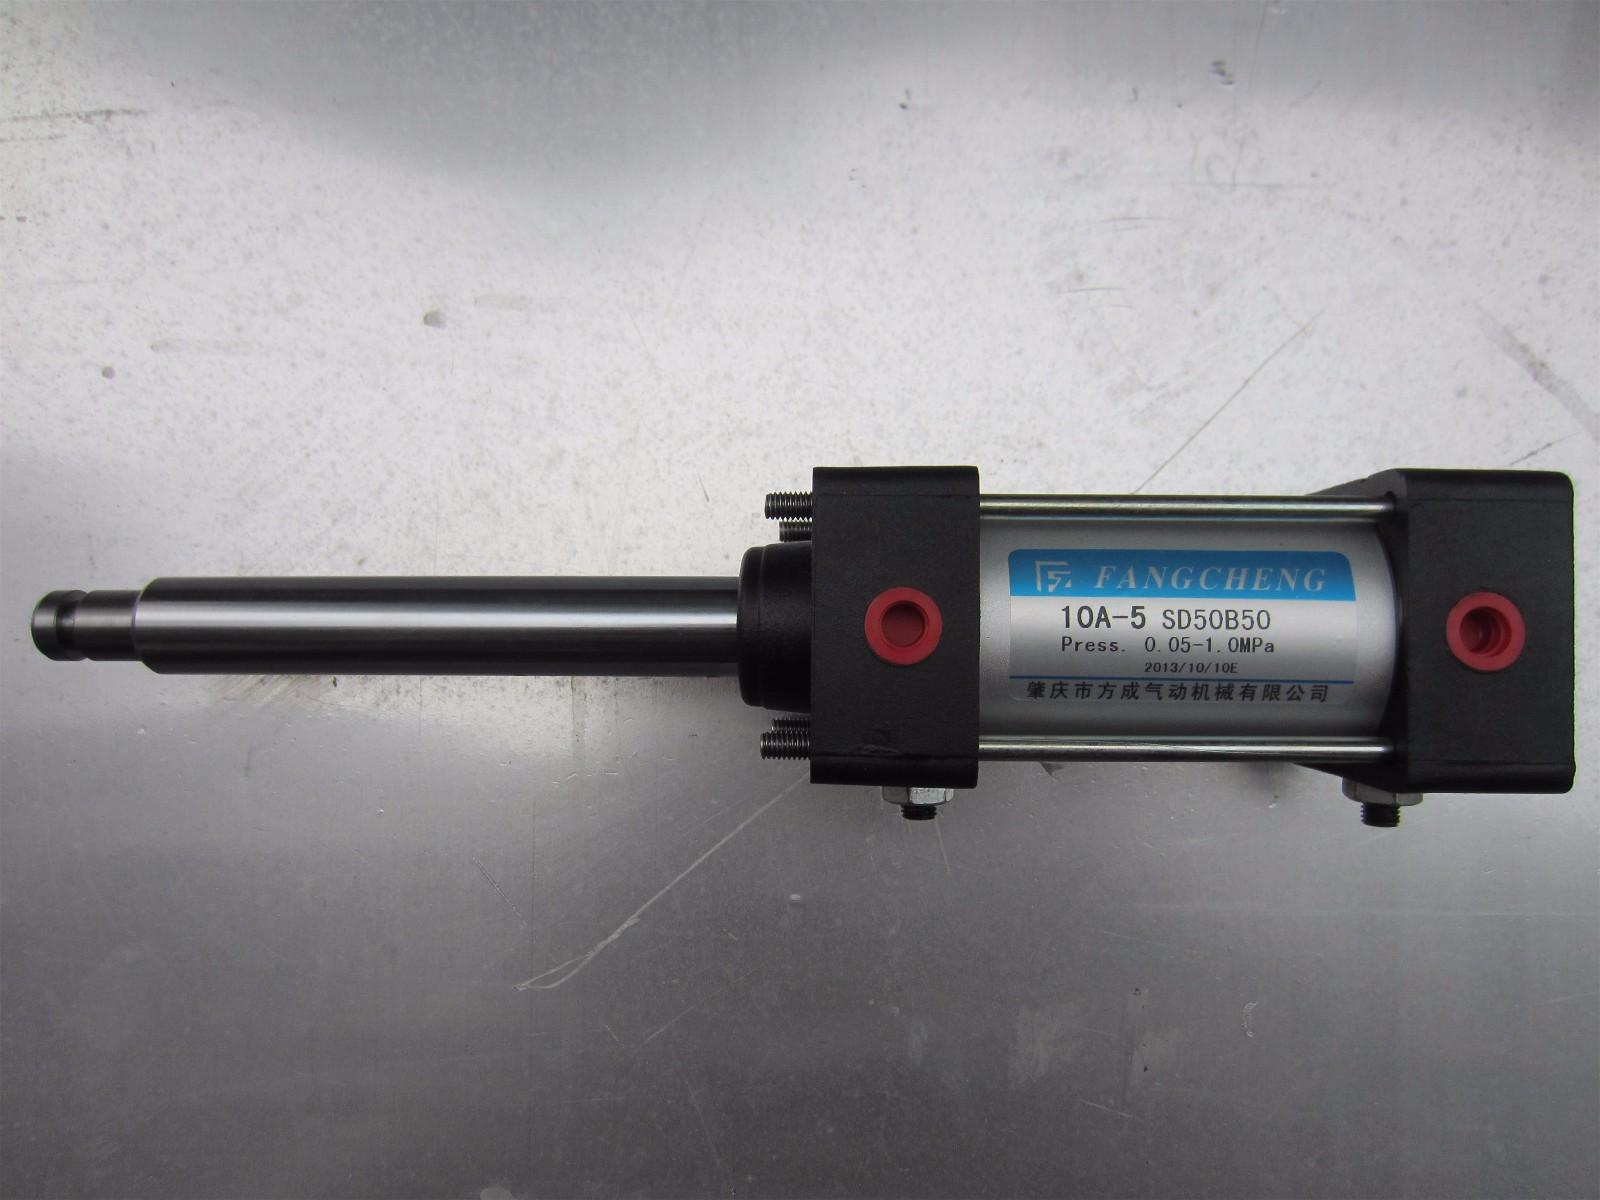 10A-5 SD50B50.jpg